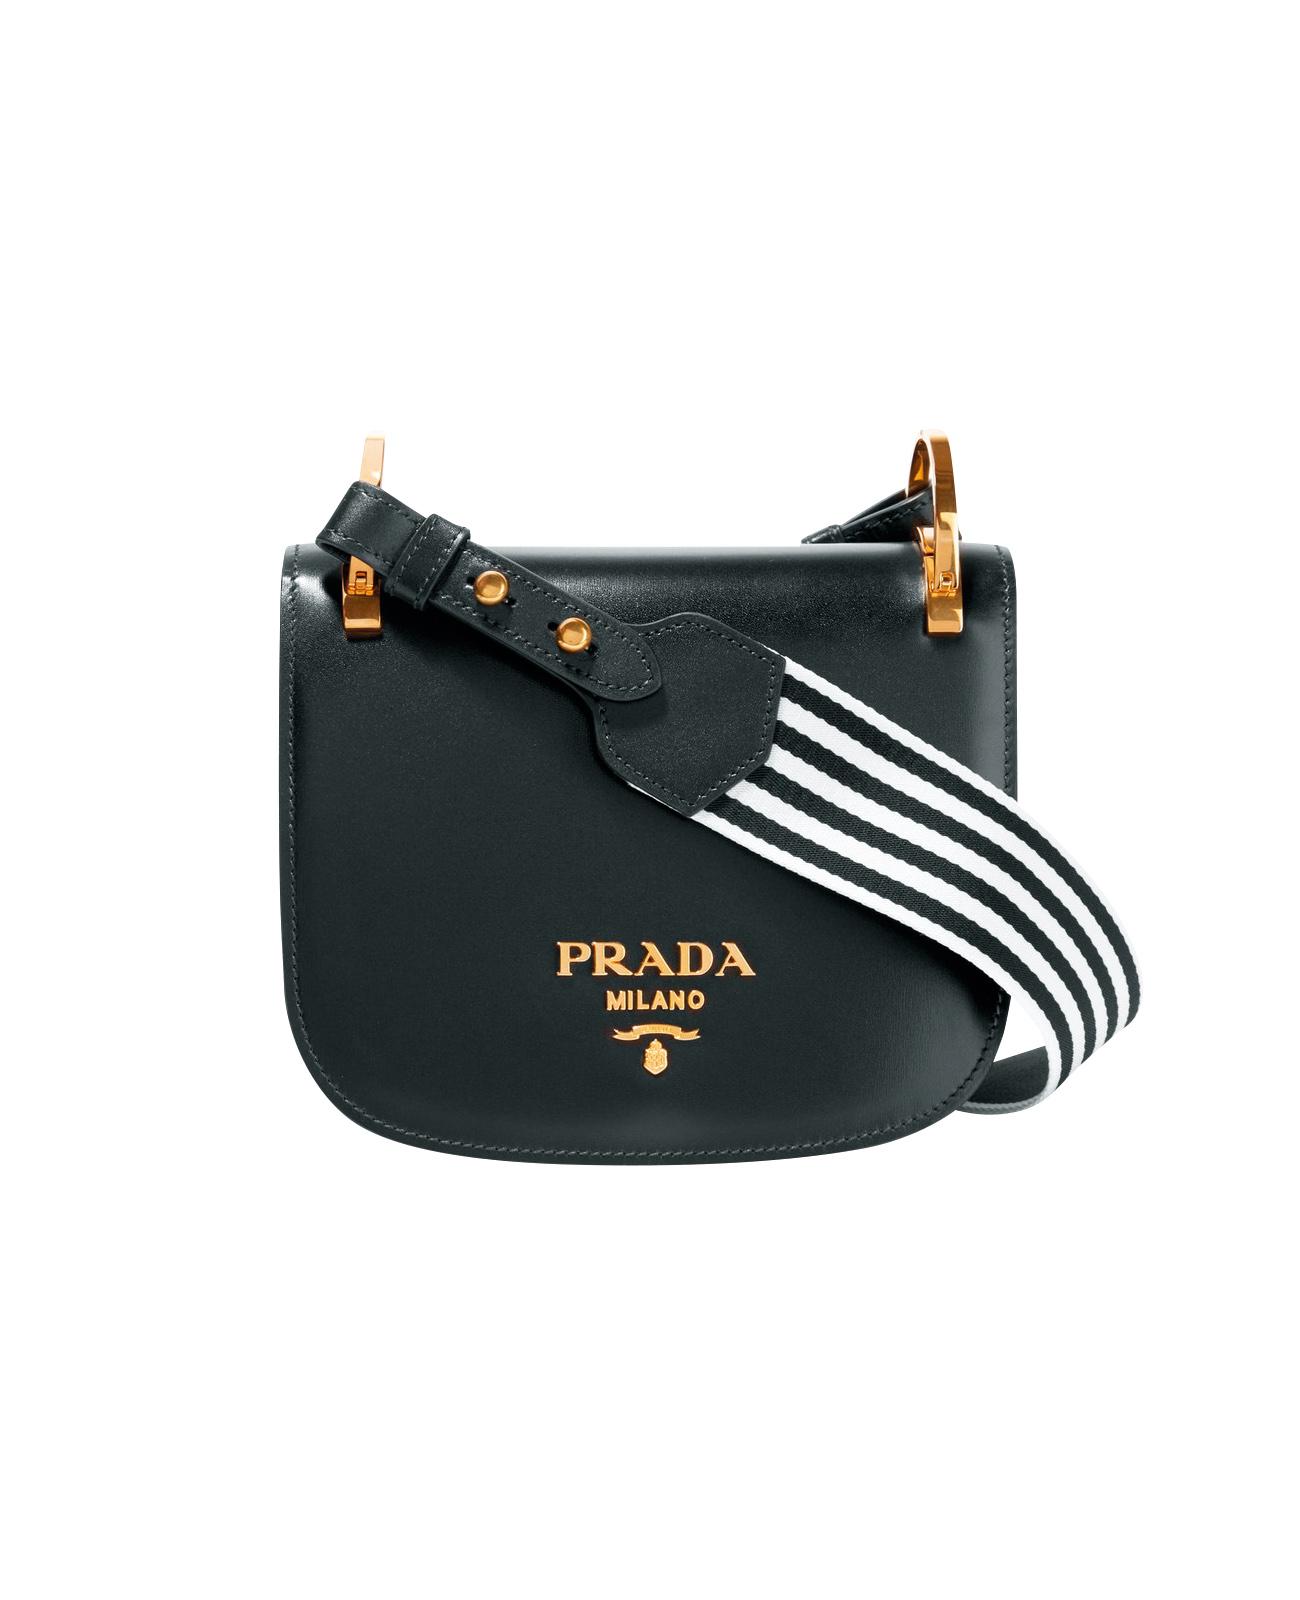 스트라이프 스트랩의 크로스 백은 가격 미정으로 Prada